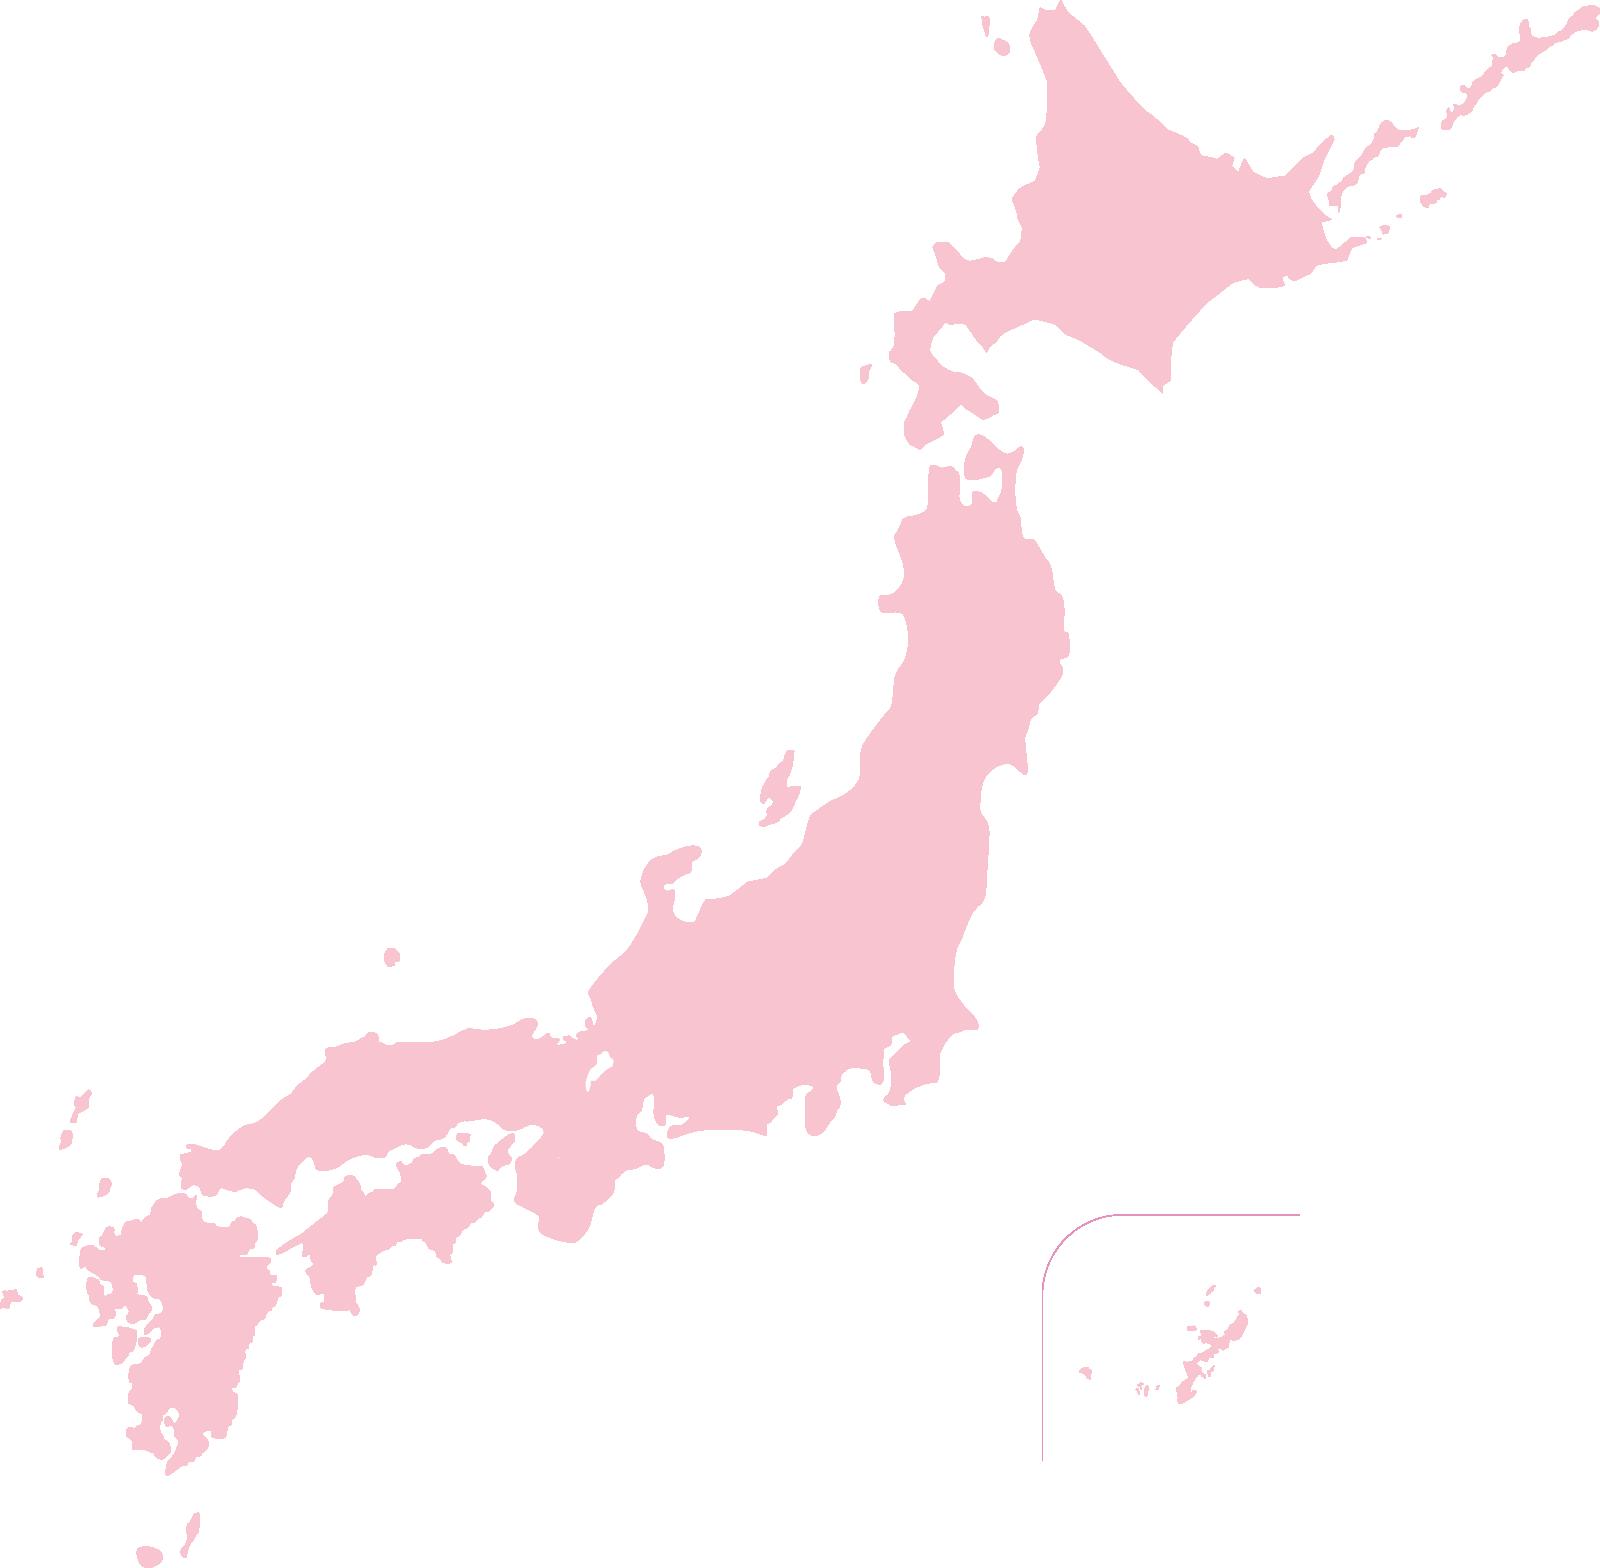 かわいい色の日本地図イラスト(淡いピンク)